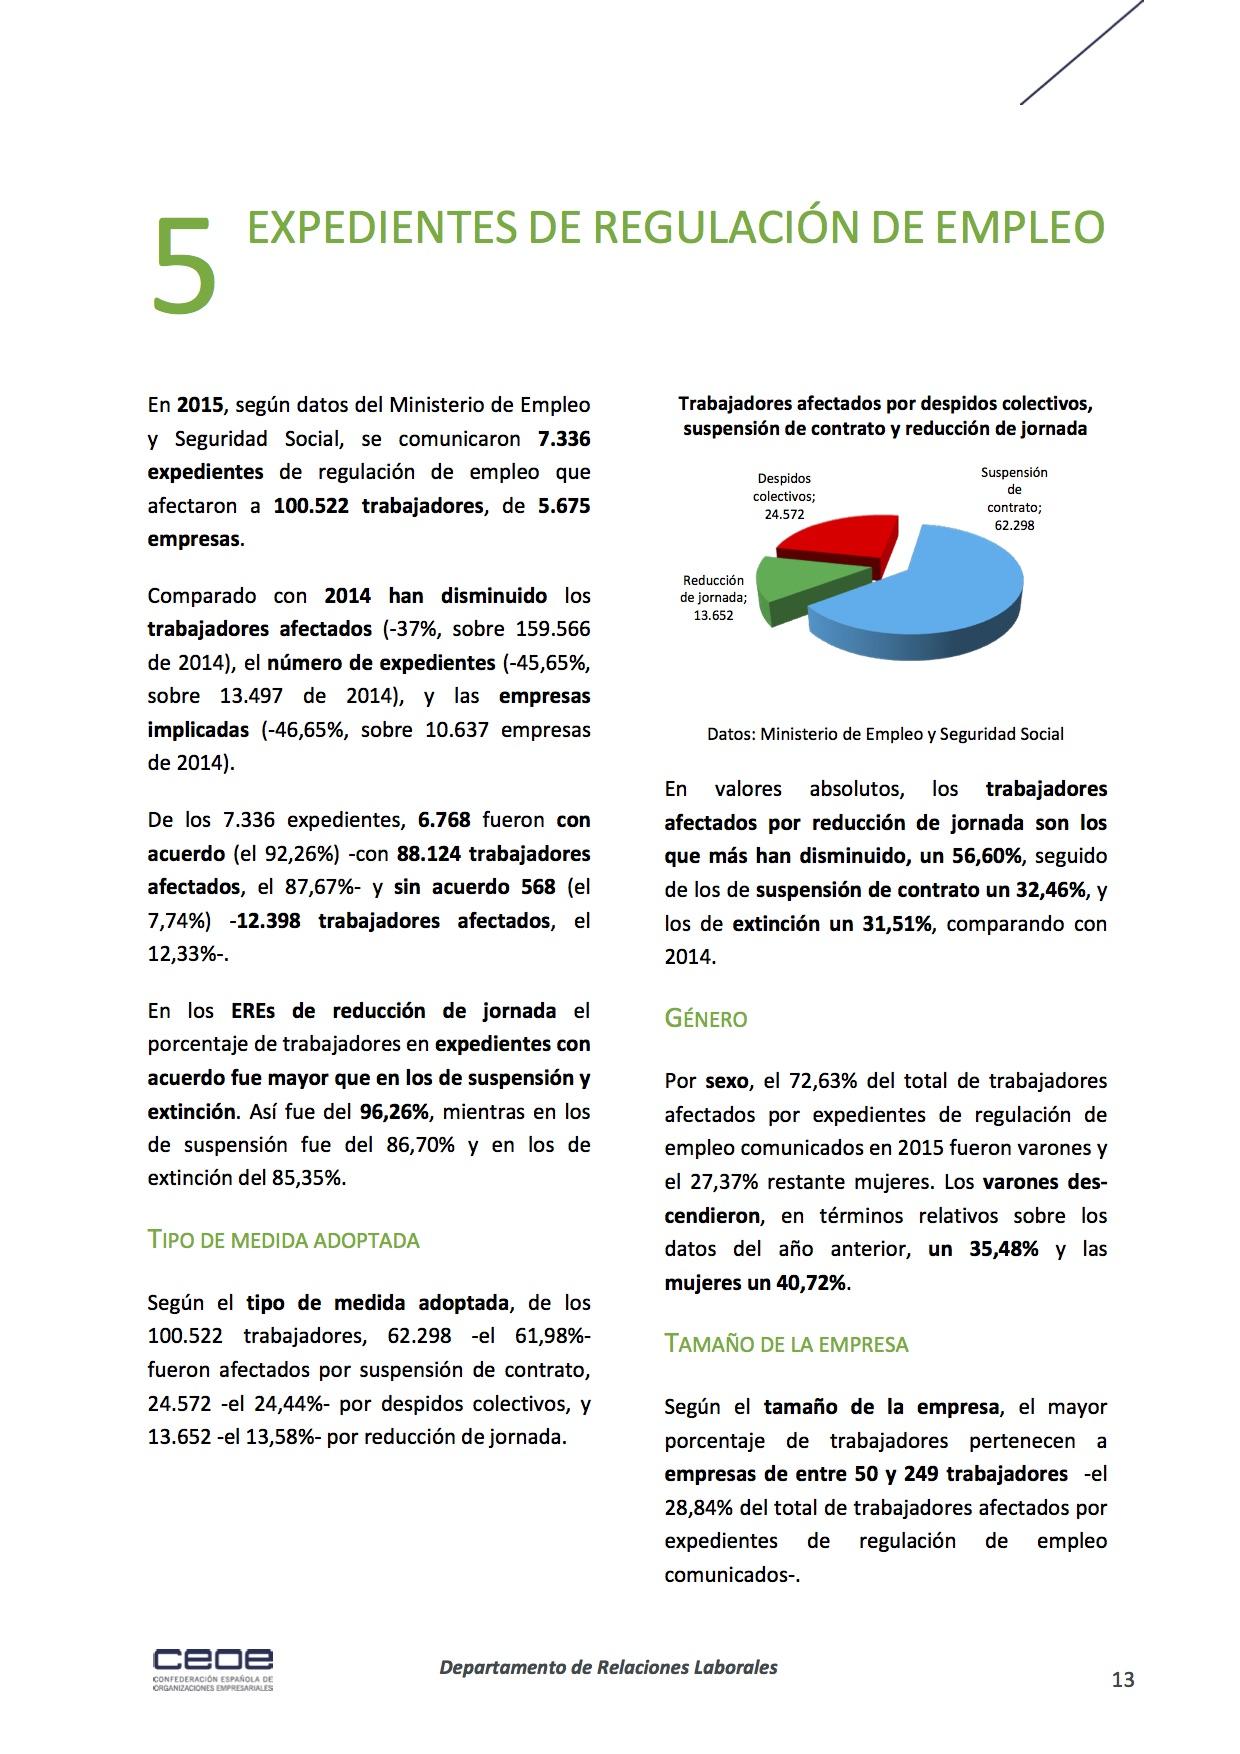 13publications_docs-file-175-analisis-del-mercado-laboral-de-2015